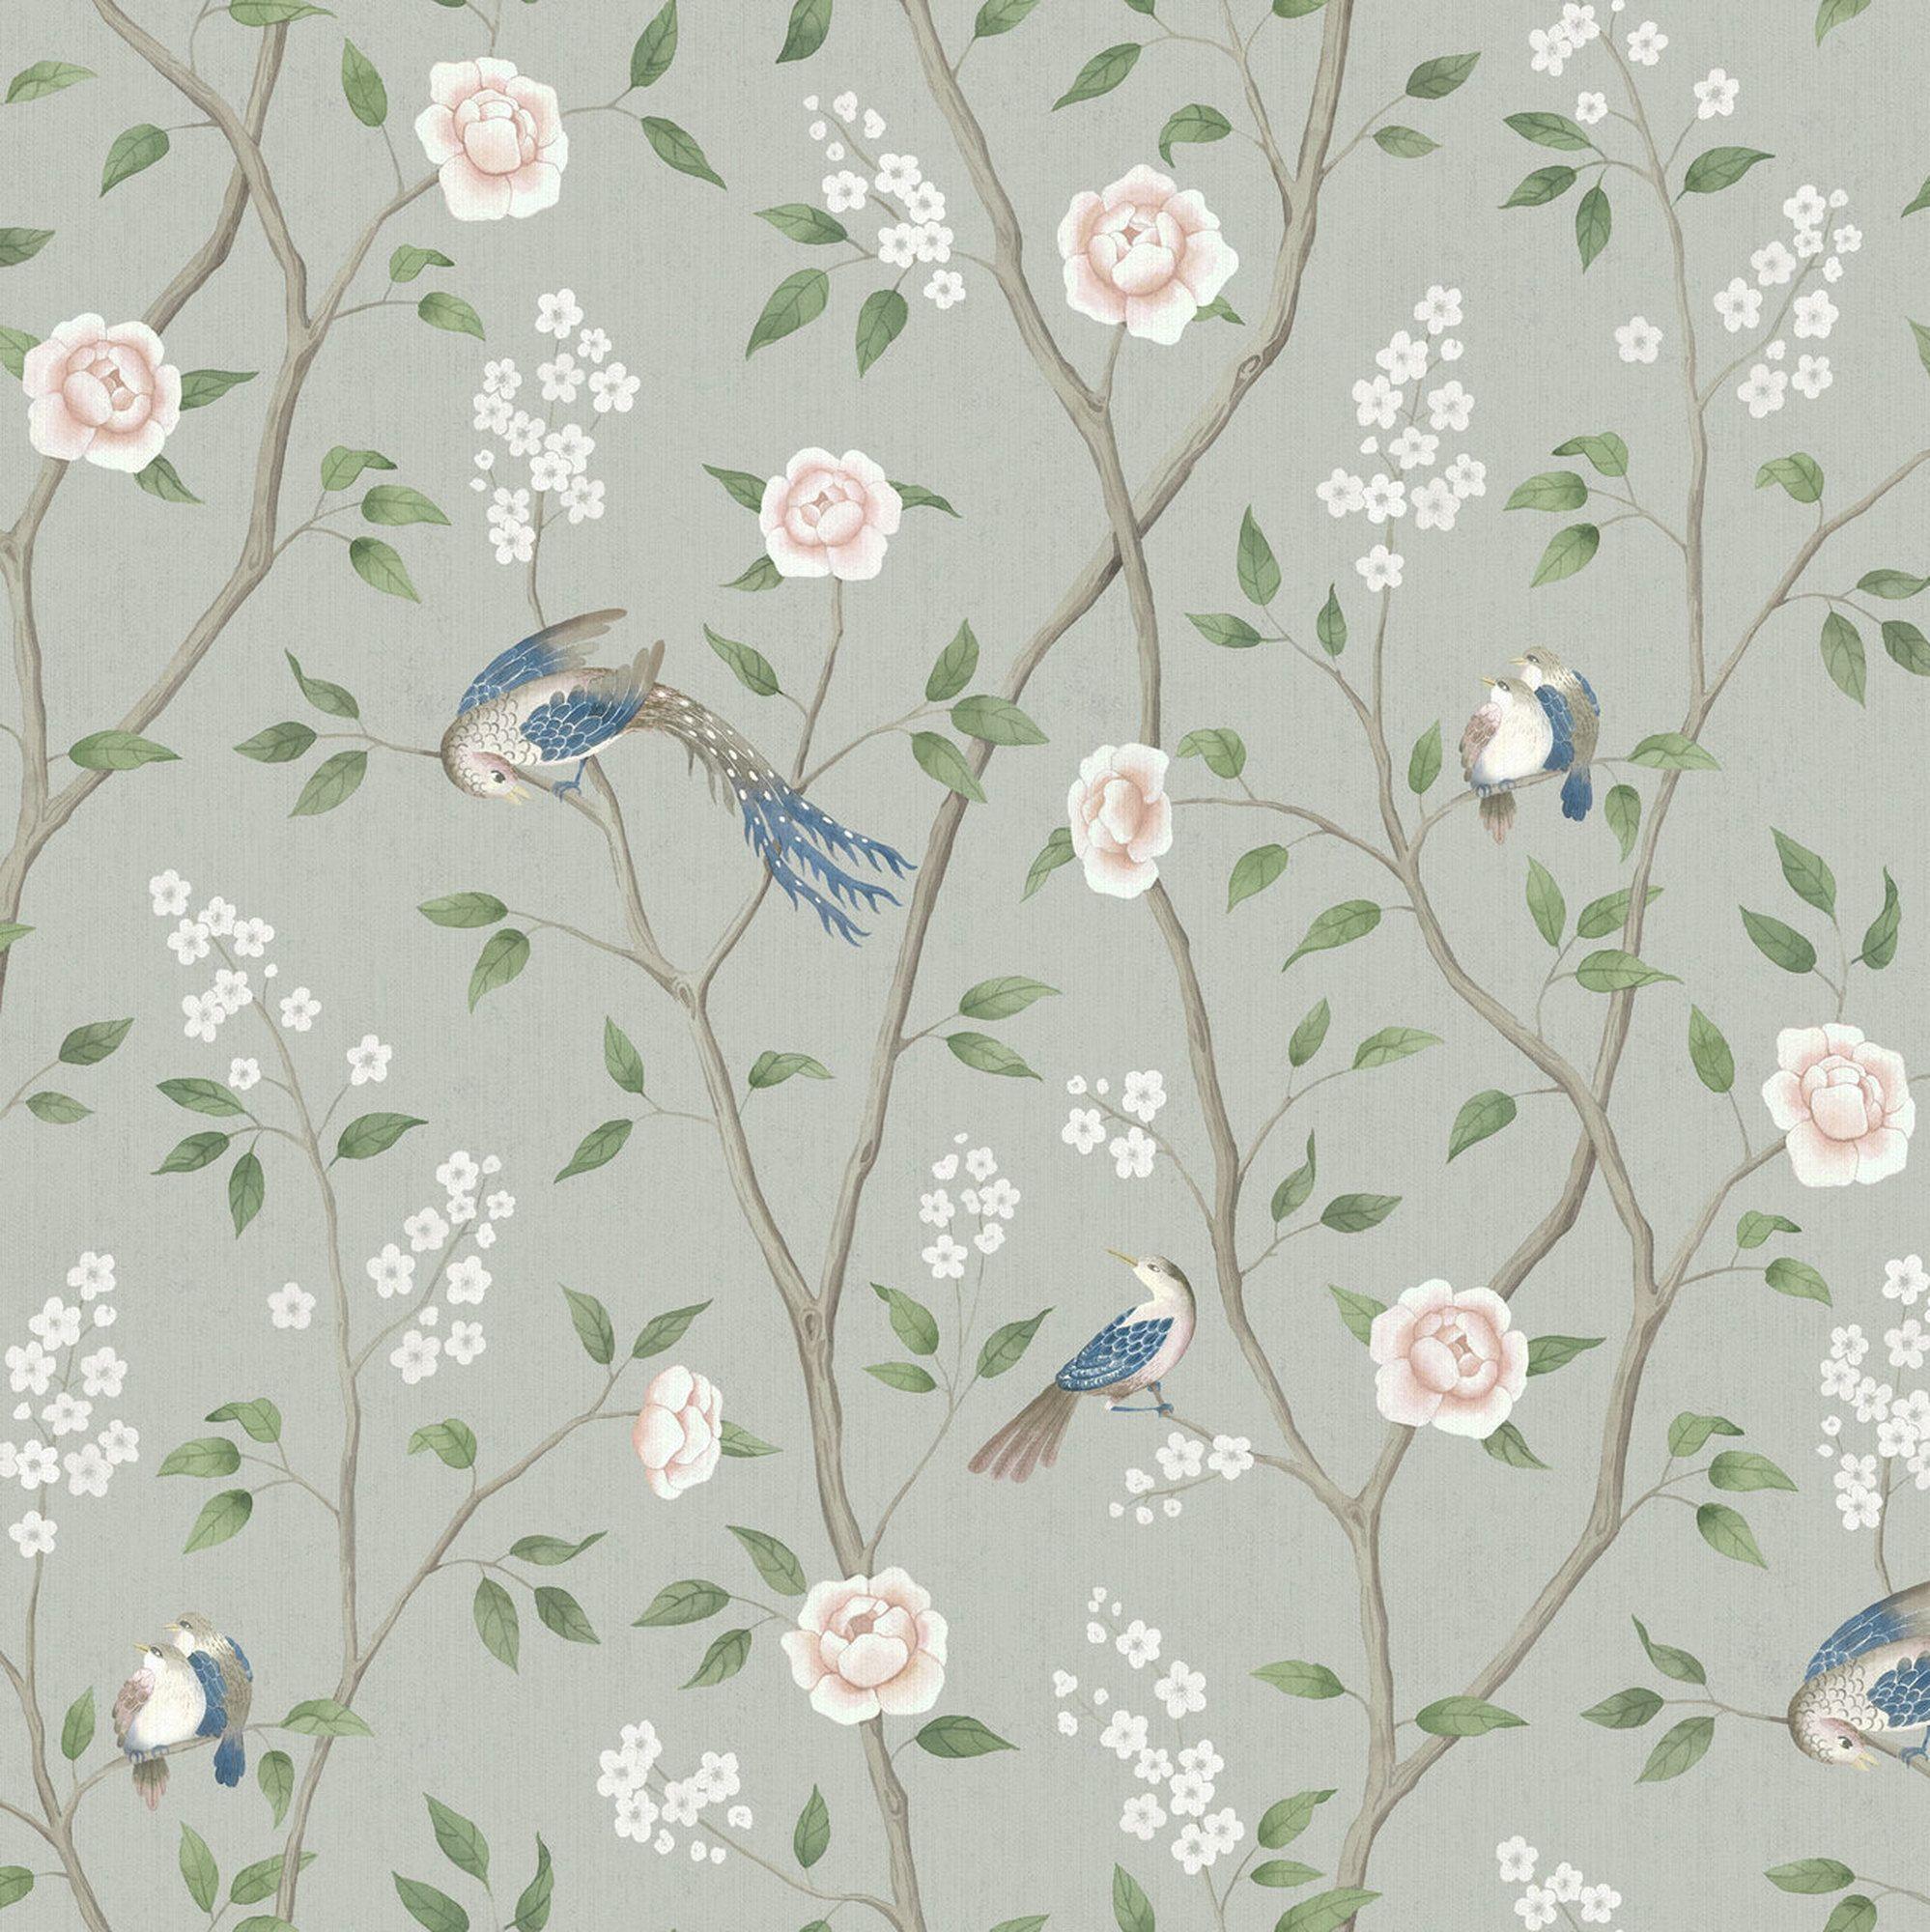 Paradise Birds Sage Green Bird Wallpaper Chinese Wall Art Wallpaper